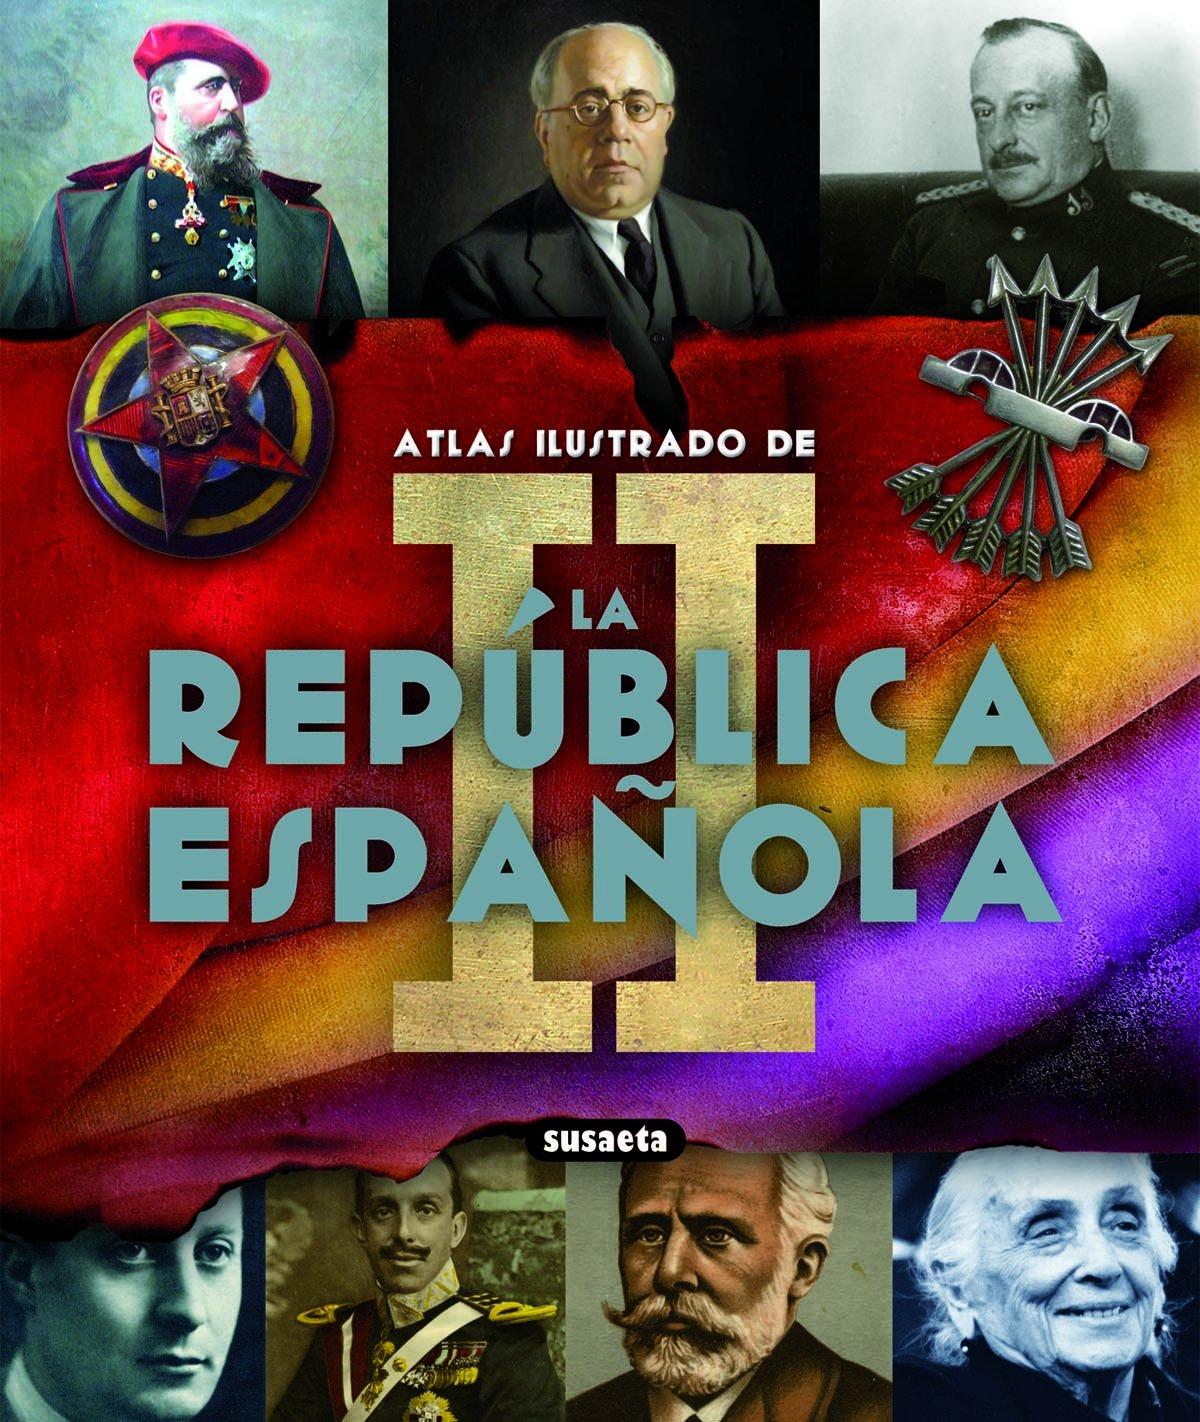 Ii Republica Española (Atlas Ilustrado): Amazon.es: González Clavero, Mariano, González Clavero, Carmelo, Susaeta, Equipo: Libros